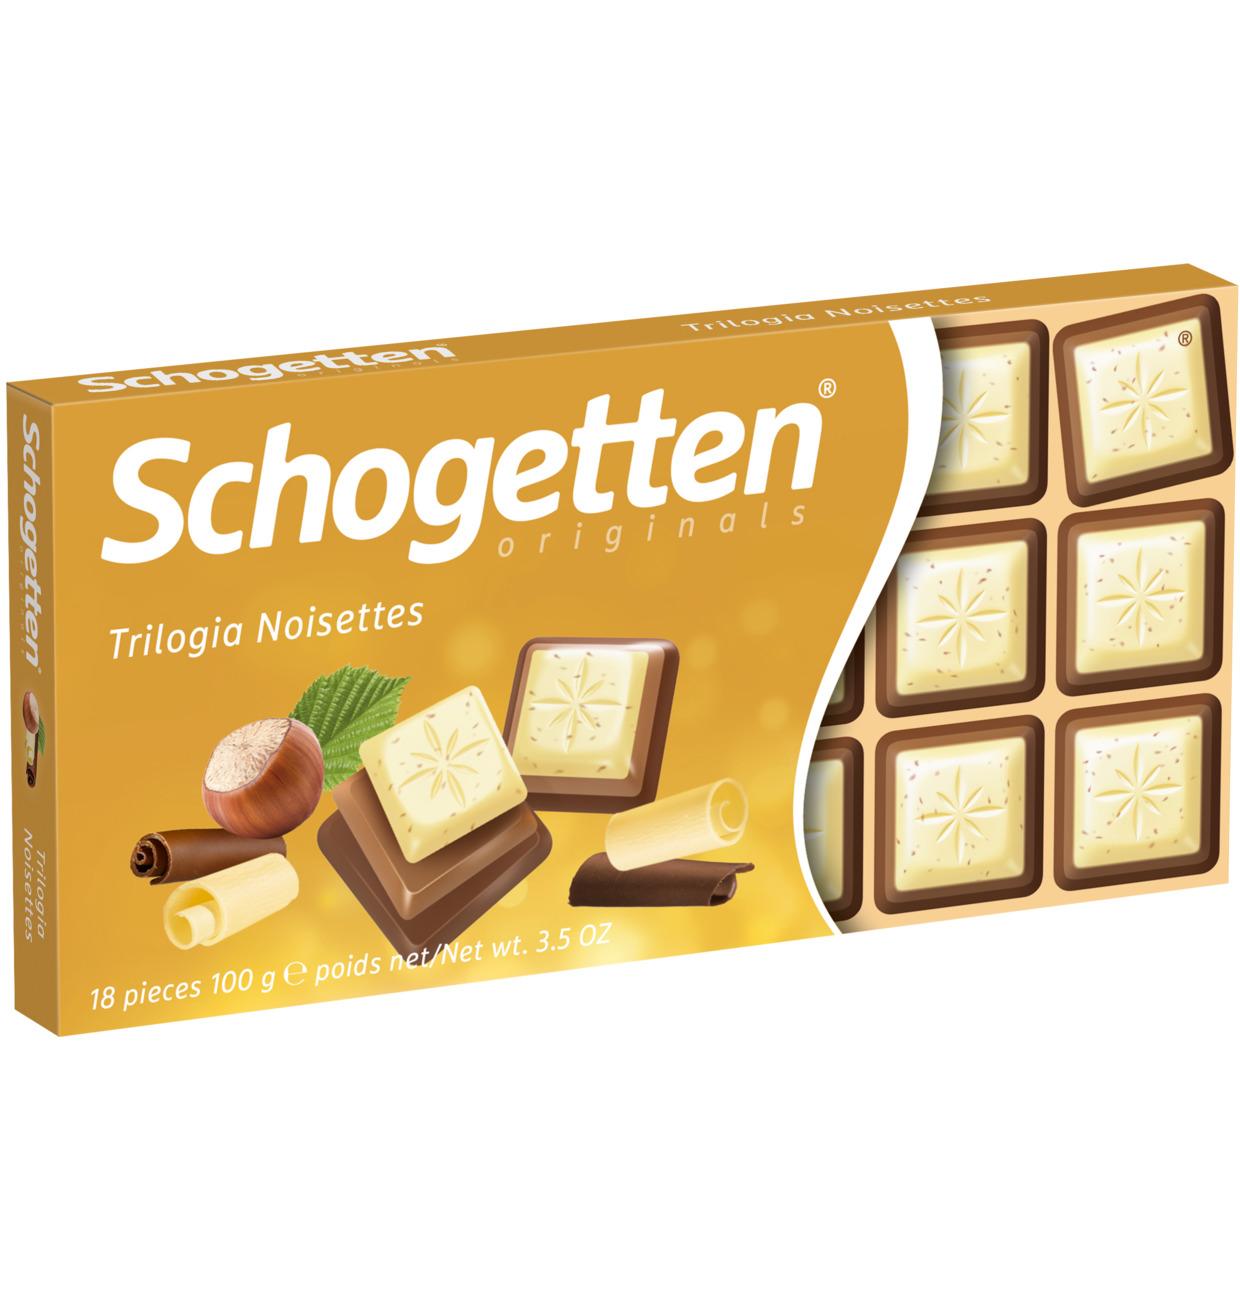 Schogetten Chocolate Trilogy 100g